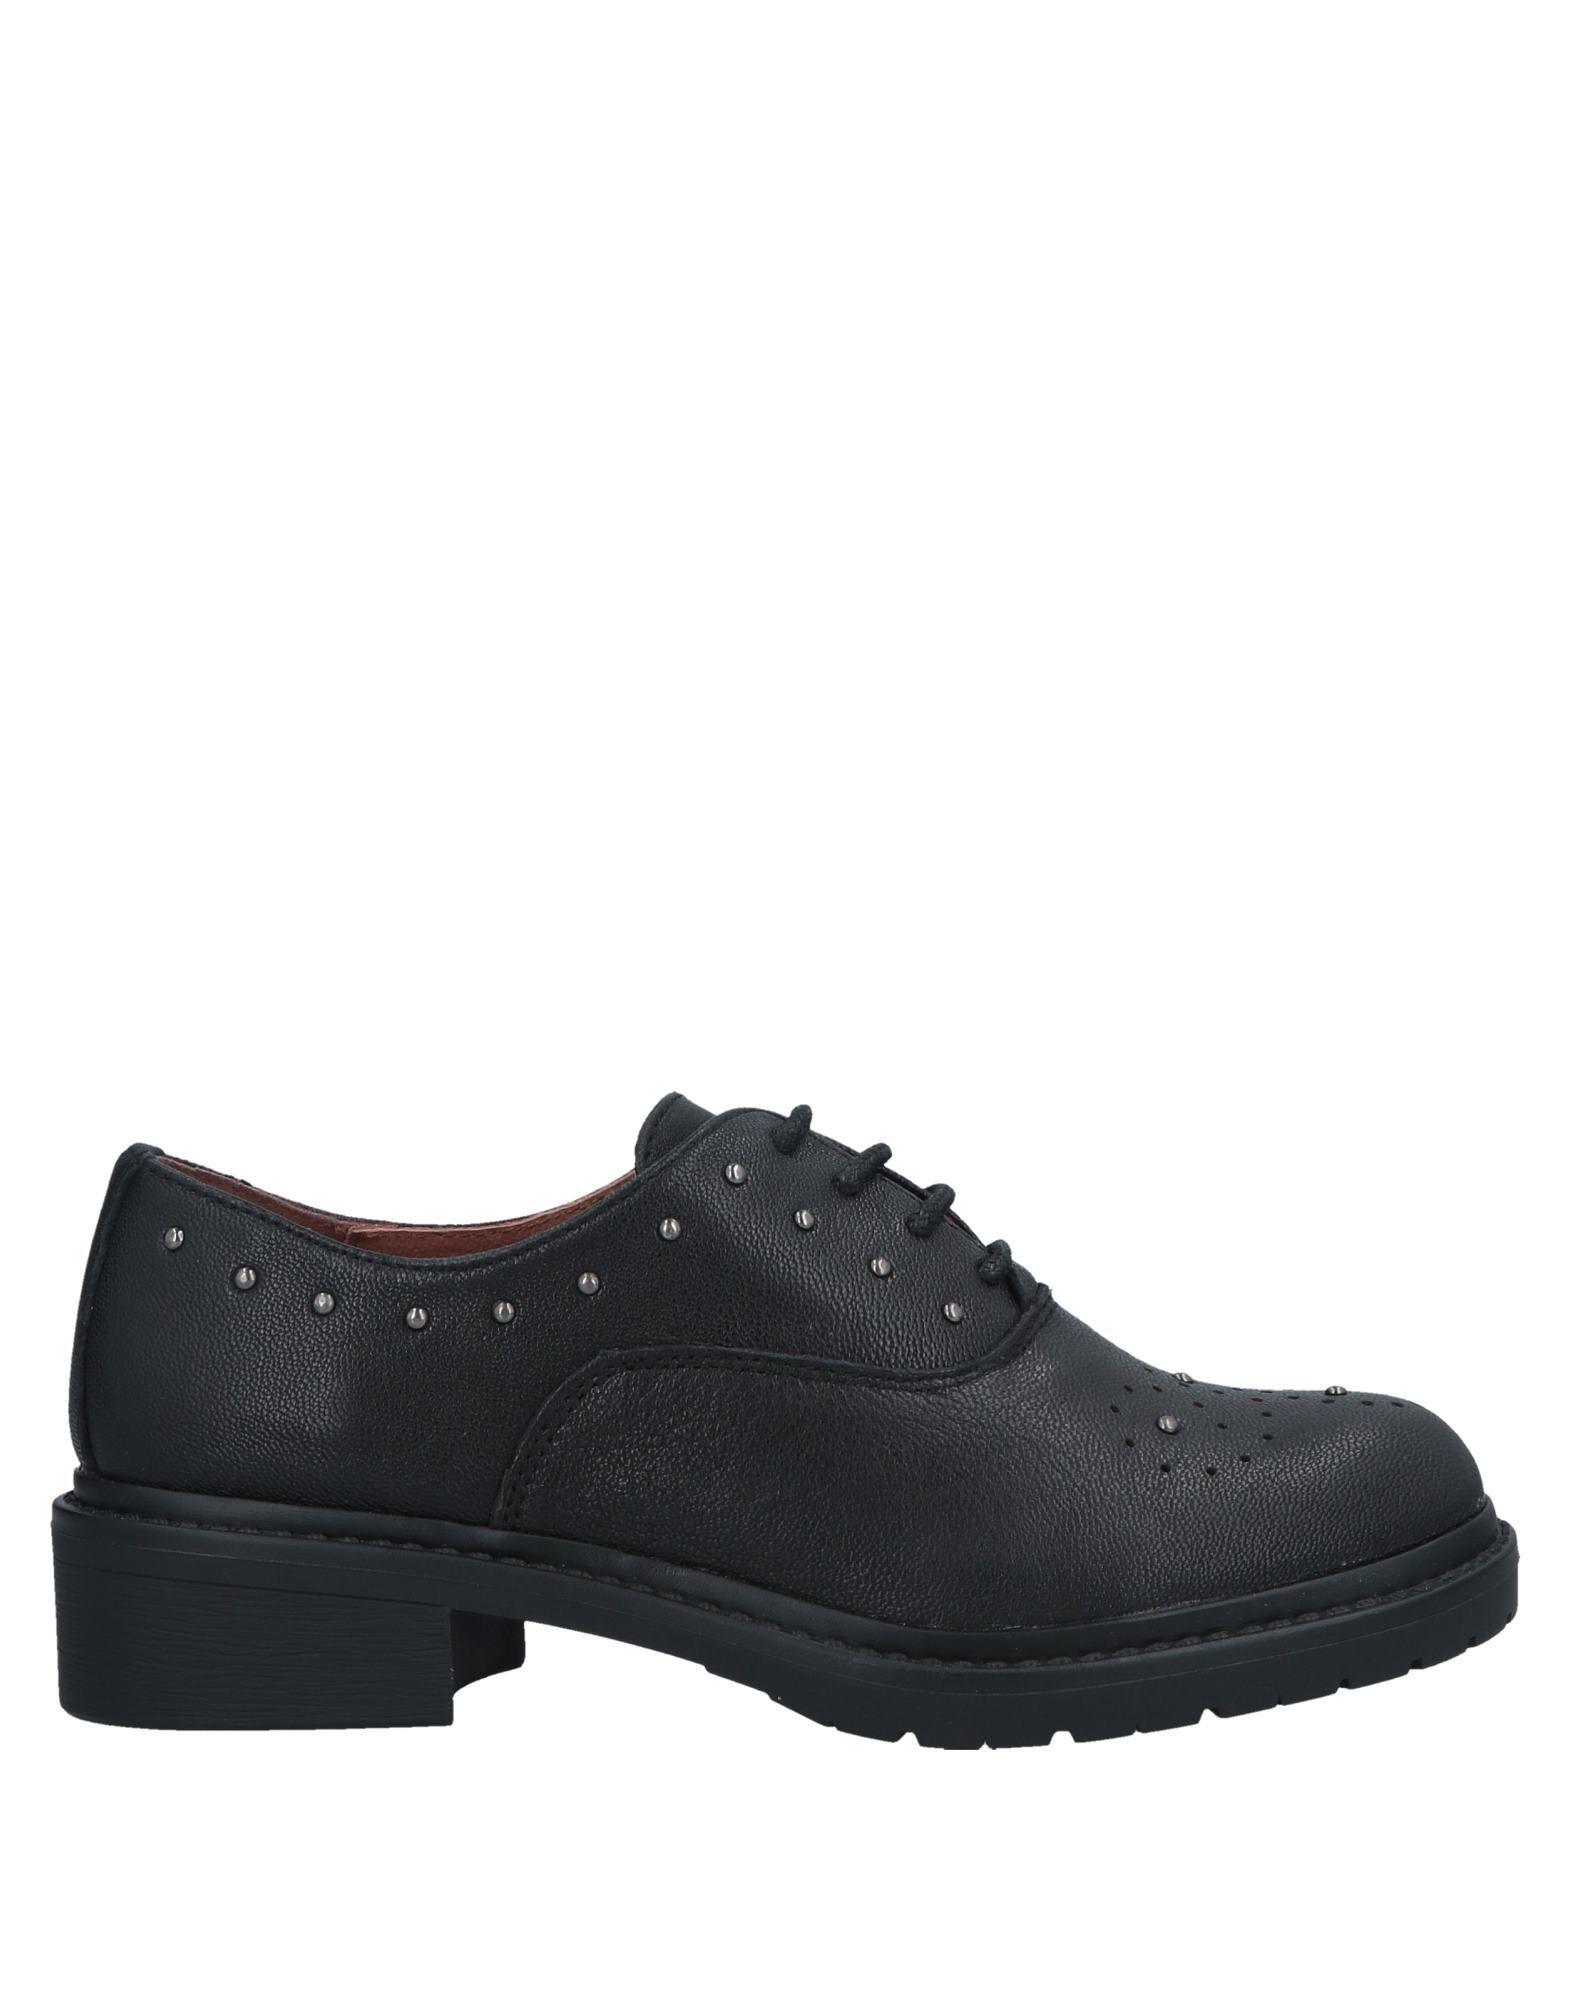 FOOTWEAR Docksteps Black Woman Leather